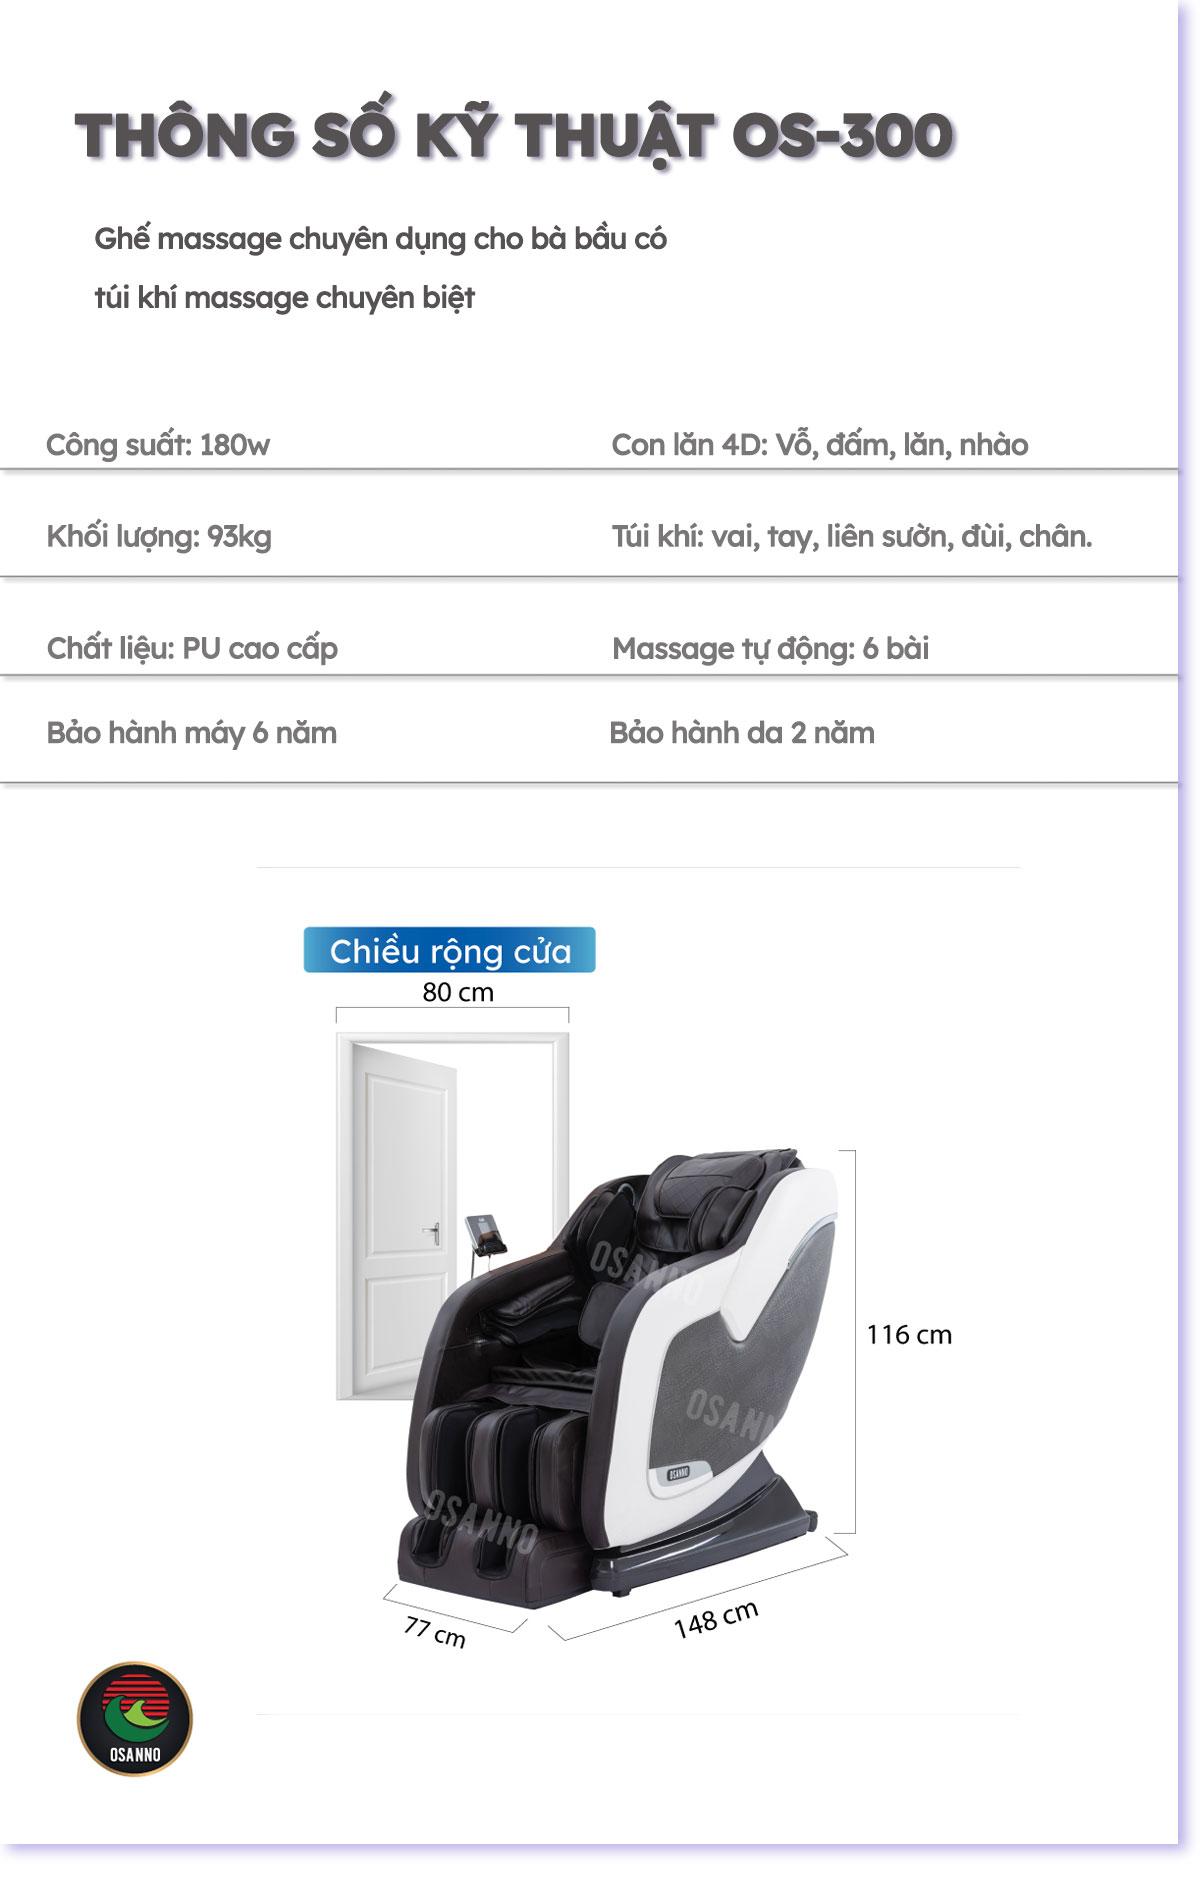 Thông số kỹ thuật ghế massage Osanno OS-300